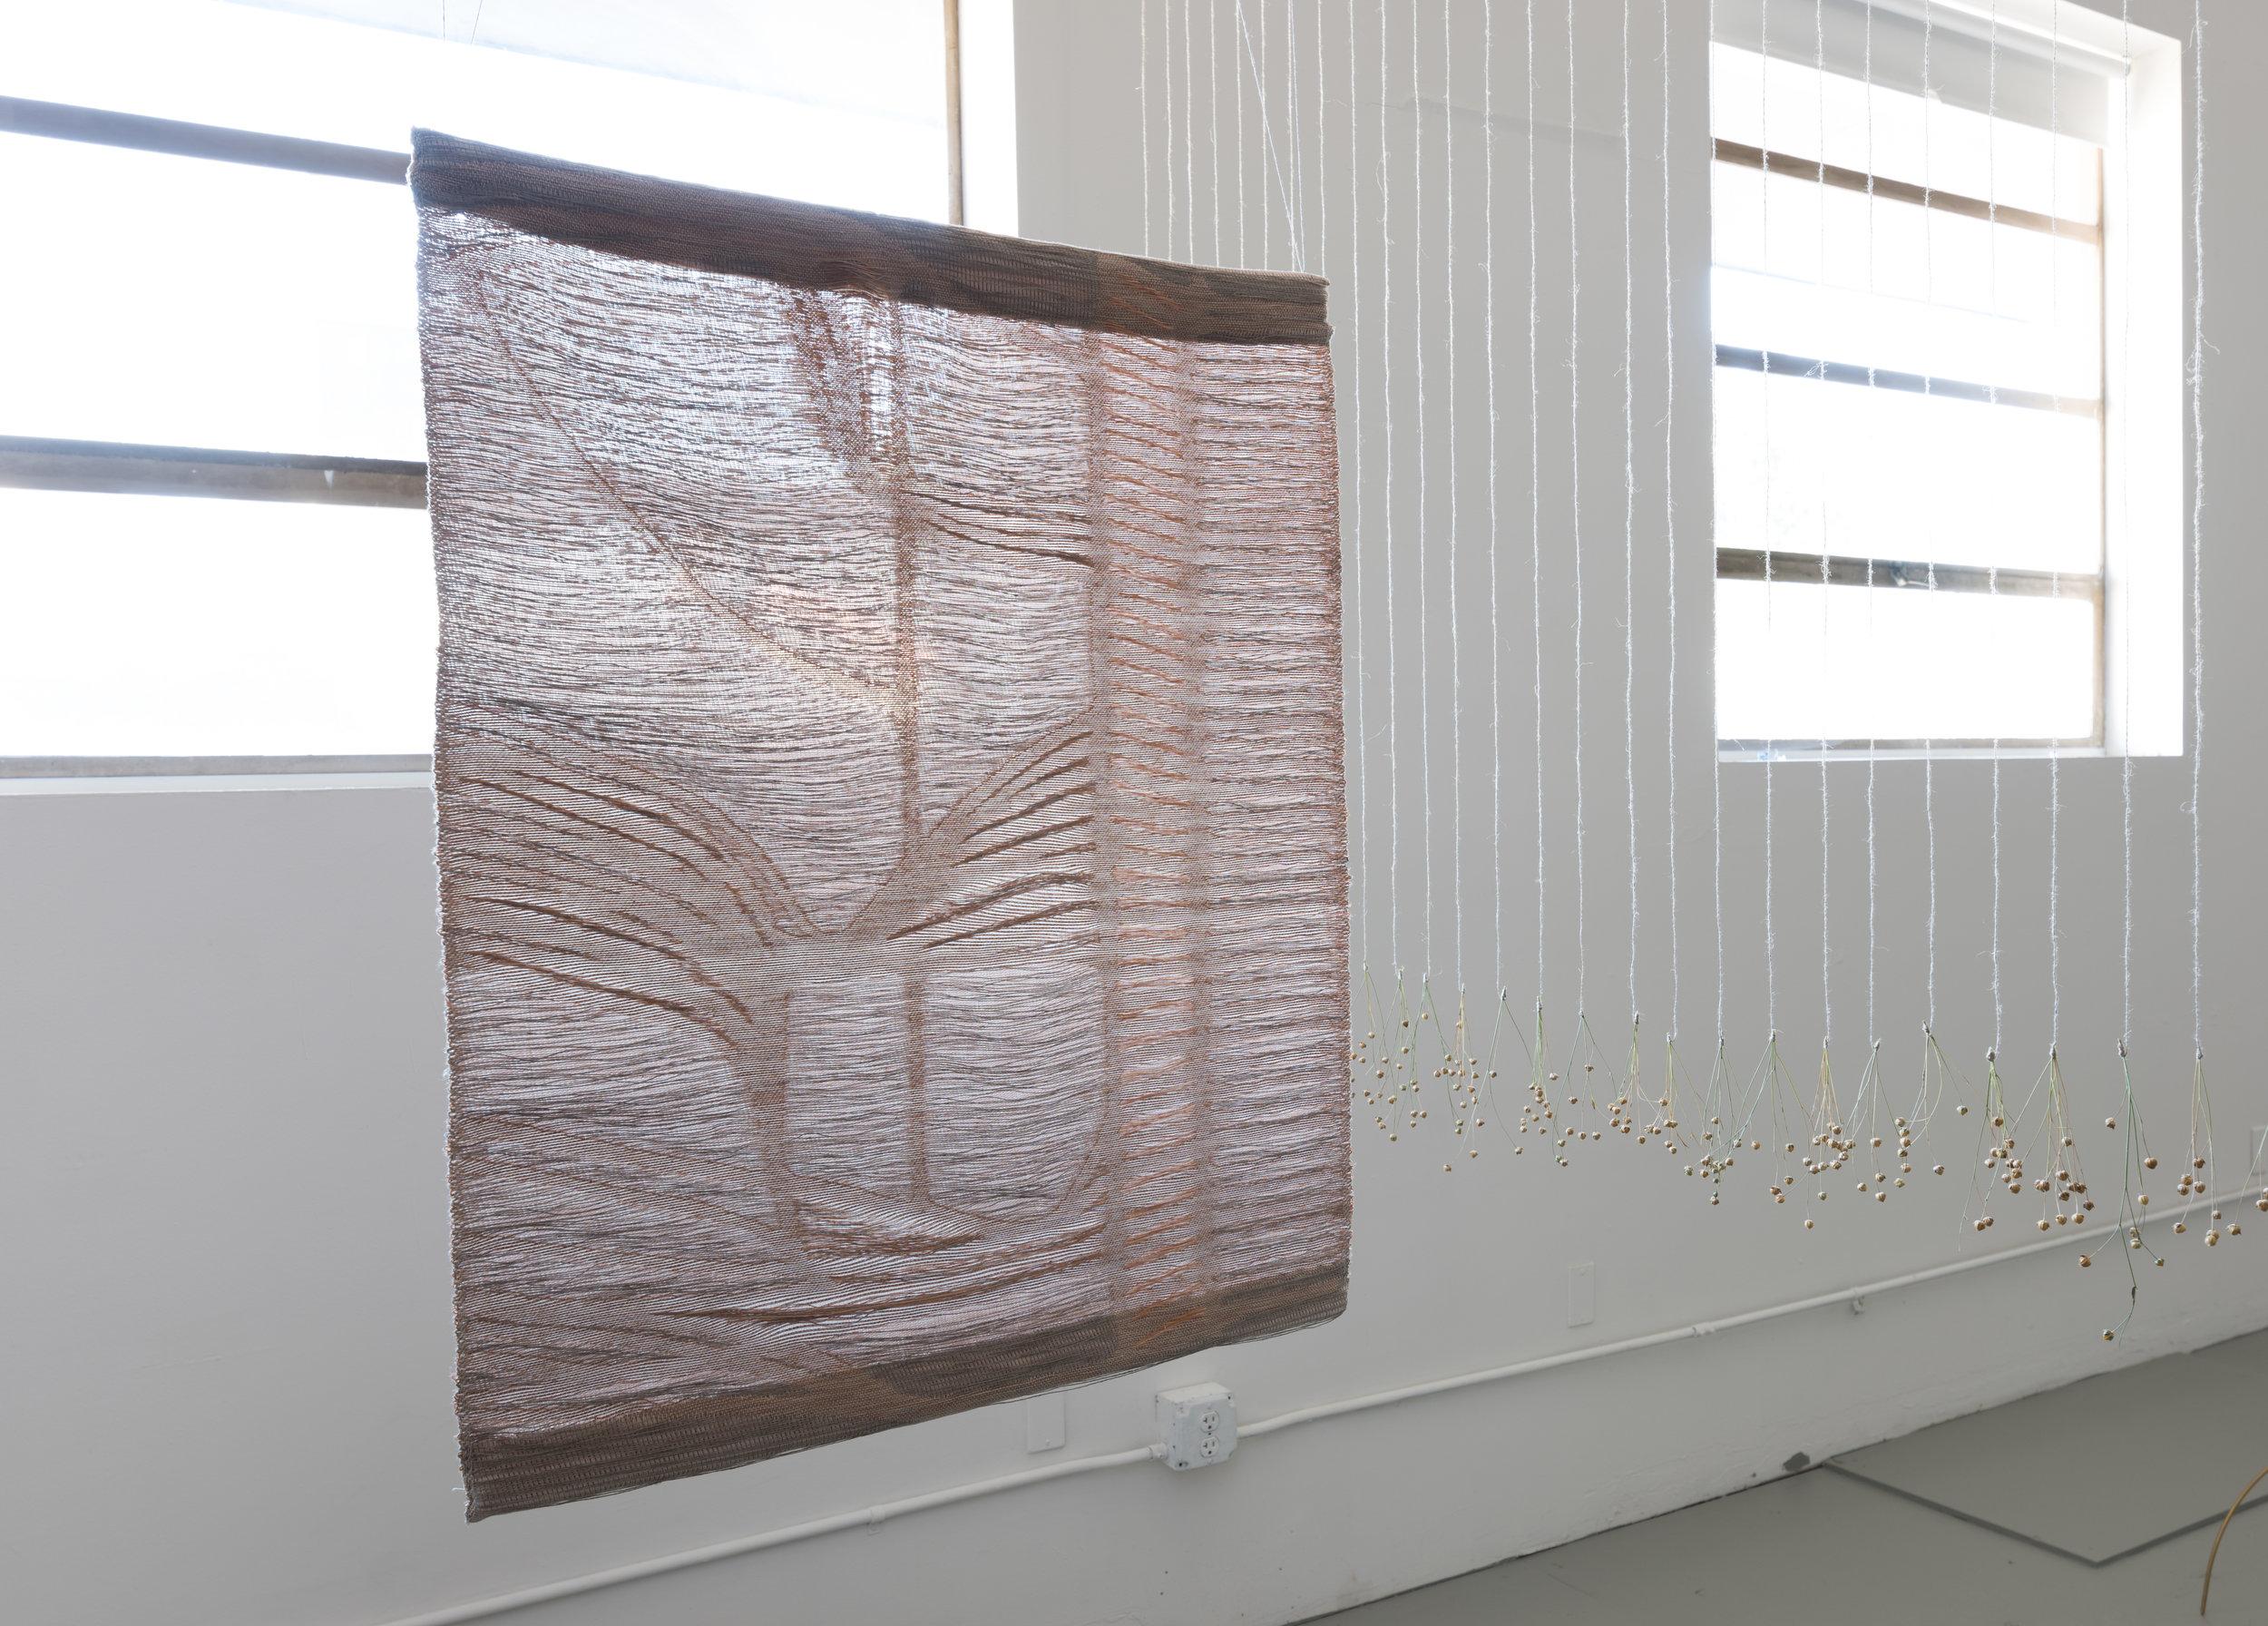 2017  [BACK view] digital jacquard weaving, linen weft: nervous system